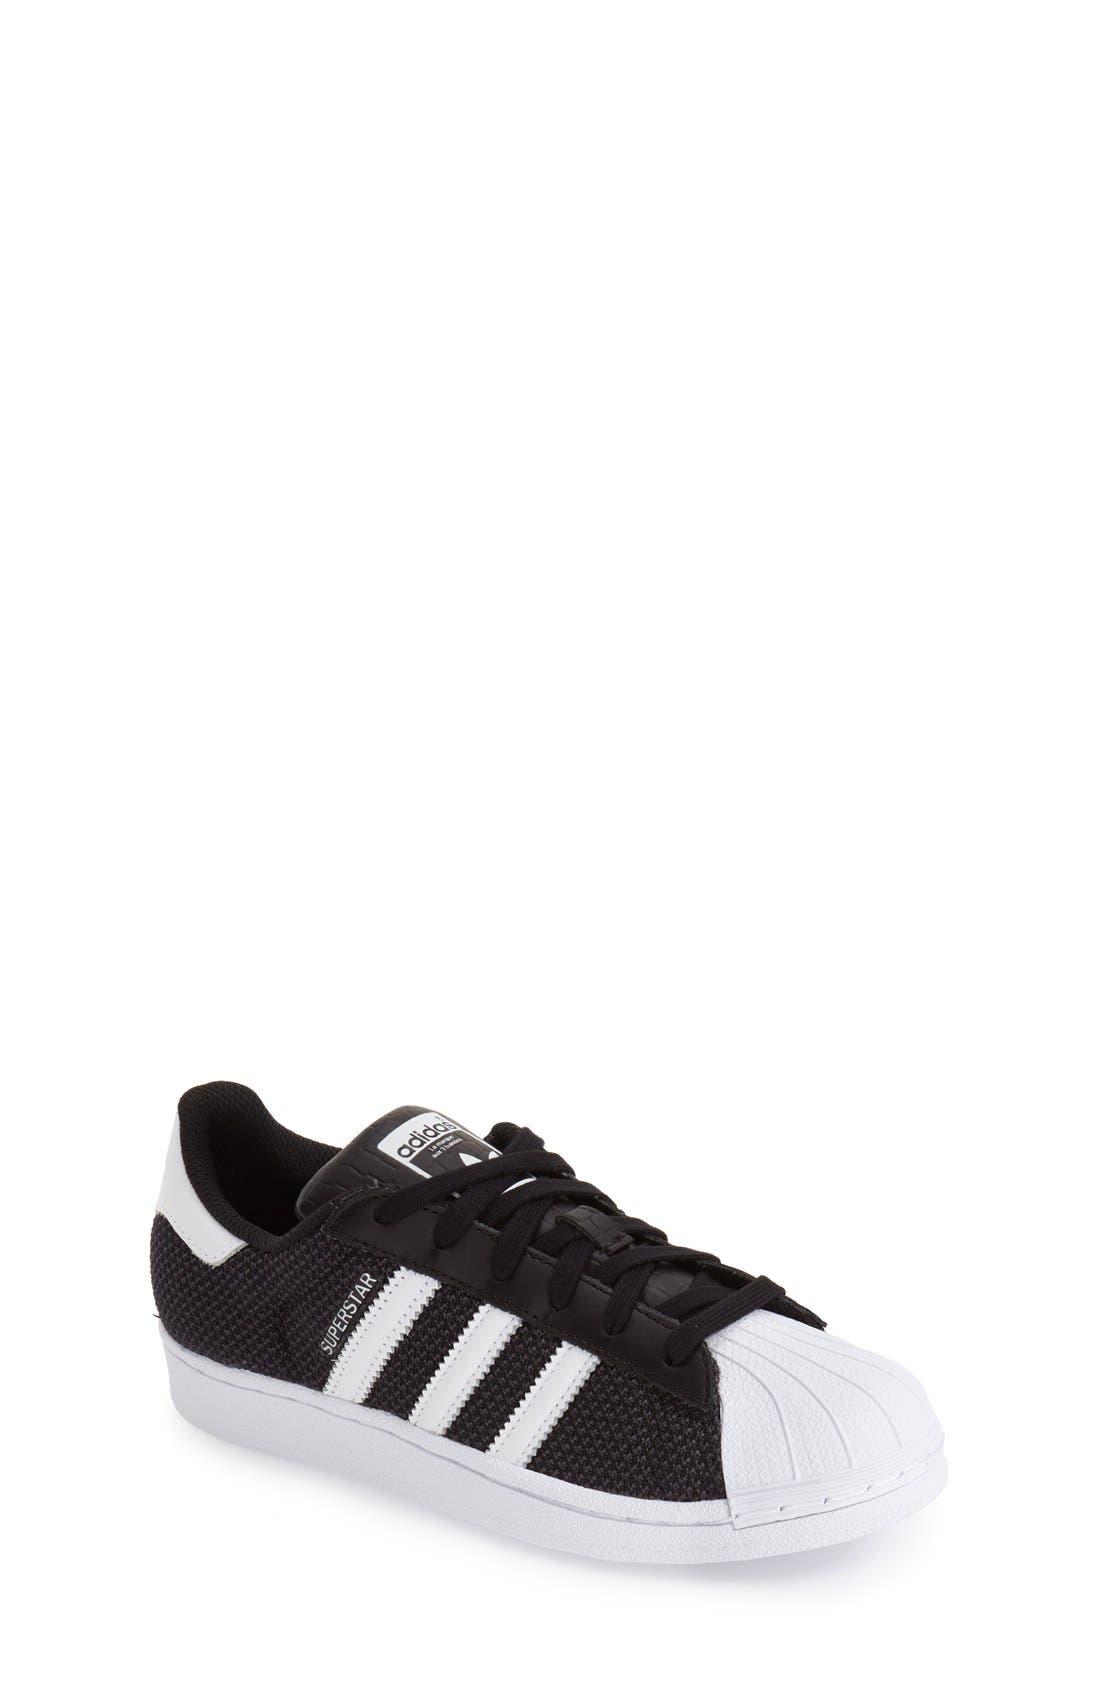 Alternate Image 1 Selected - adidas 'Superstar' Sneaker (Big Kid)